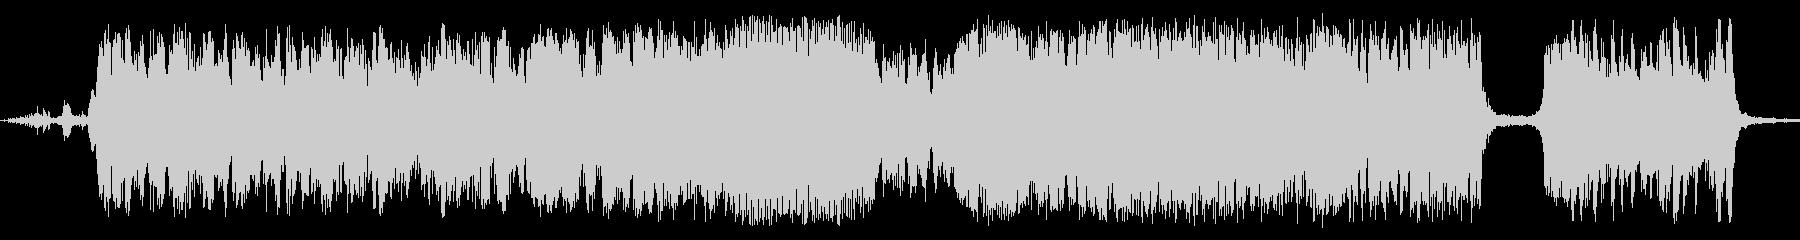 メタルスクリール、フォリーの未再生の波形